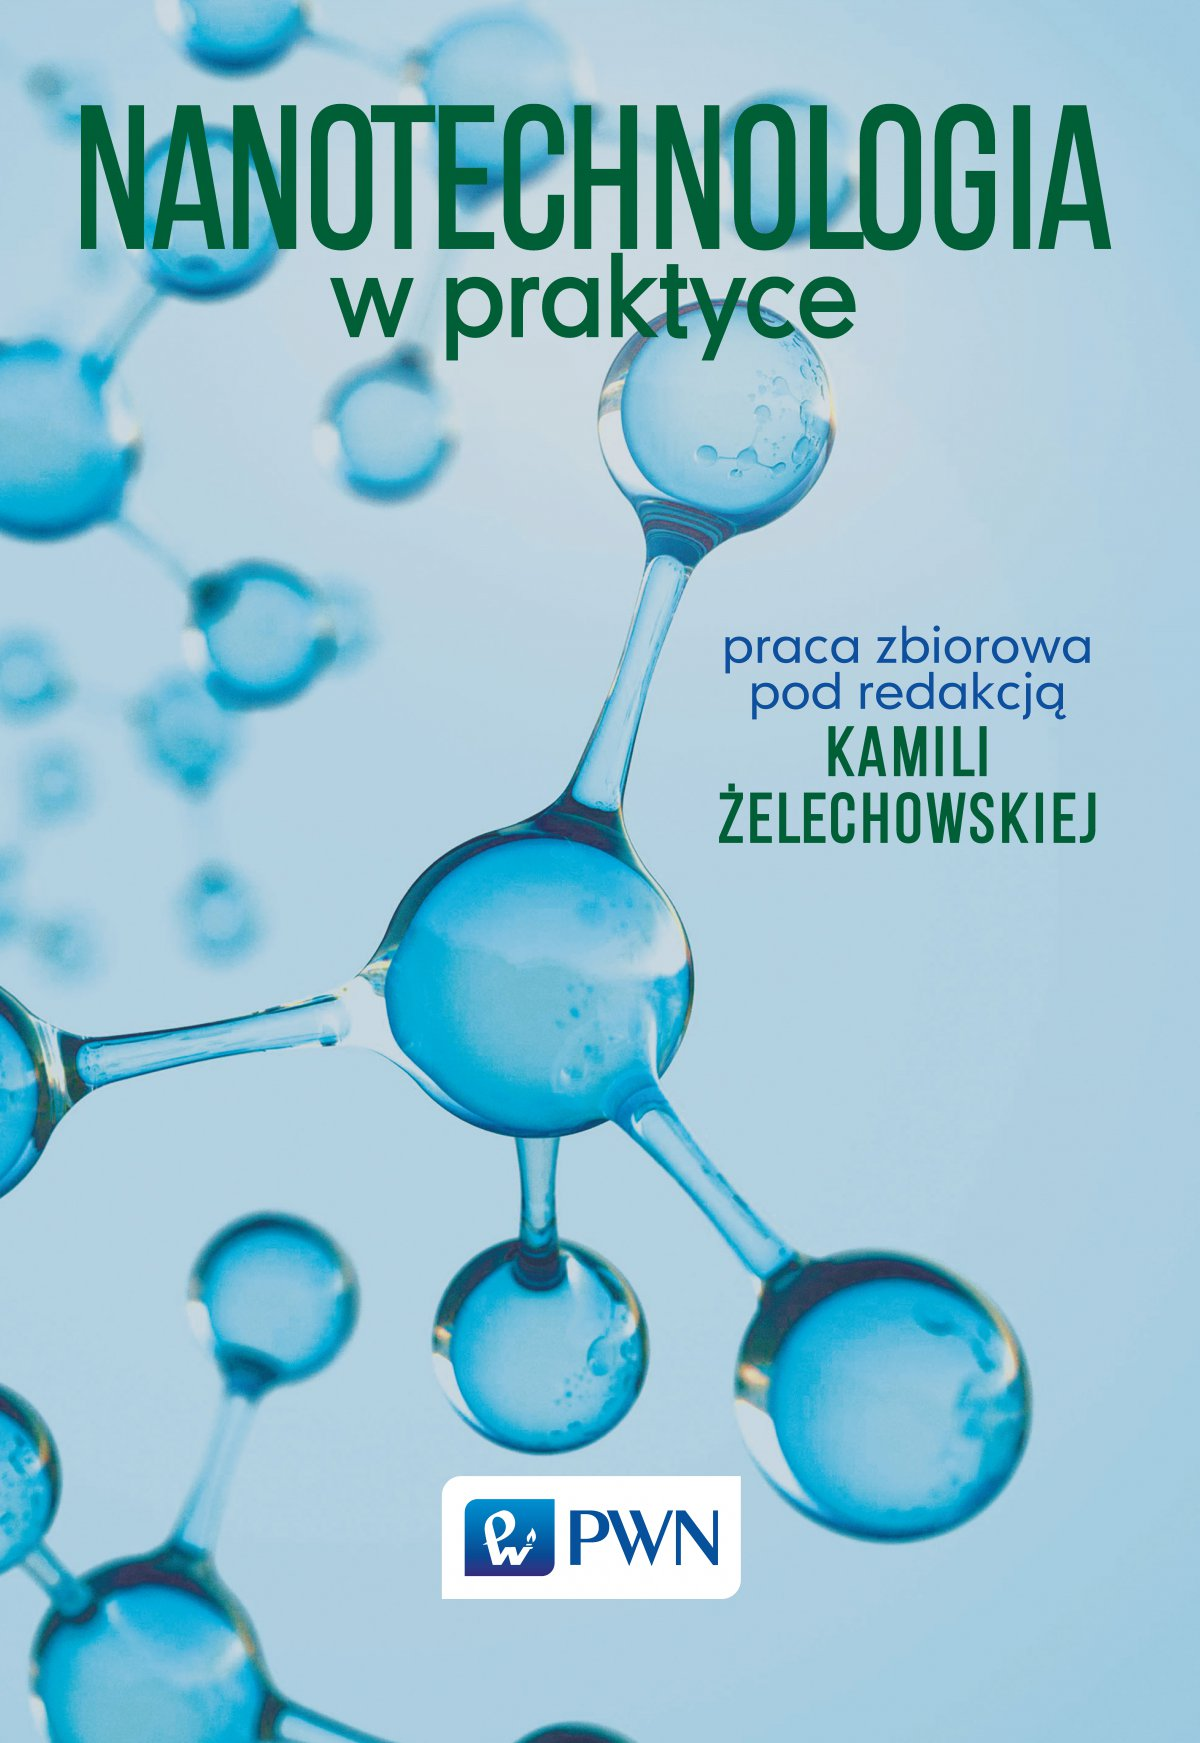 Nanotechnologia w praktyce - Ebook (Książka EPUB) do pobrania w formacie EPUB